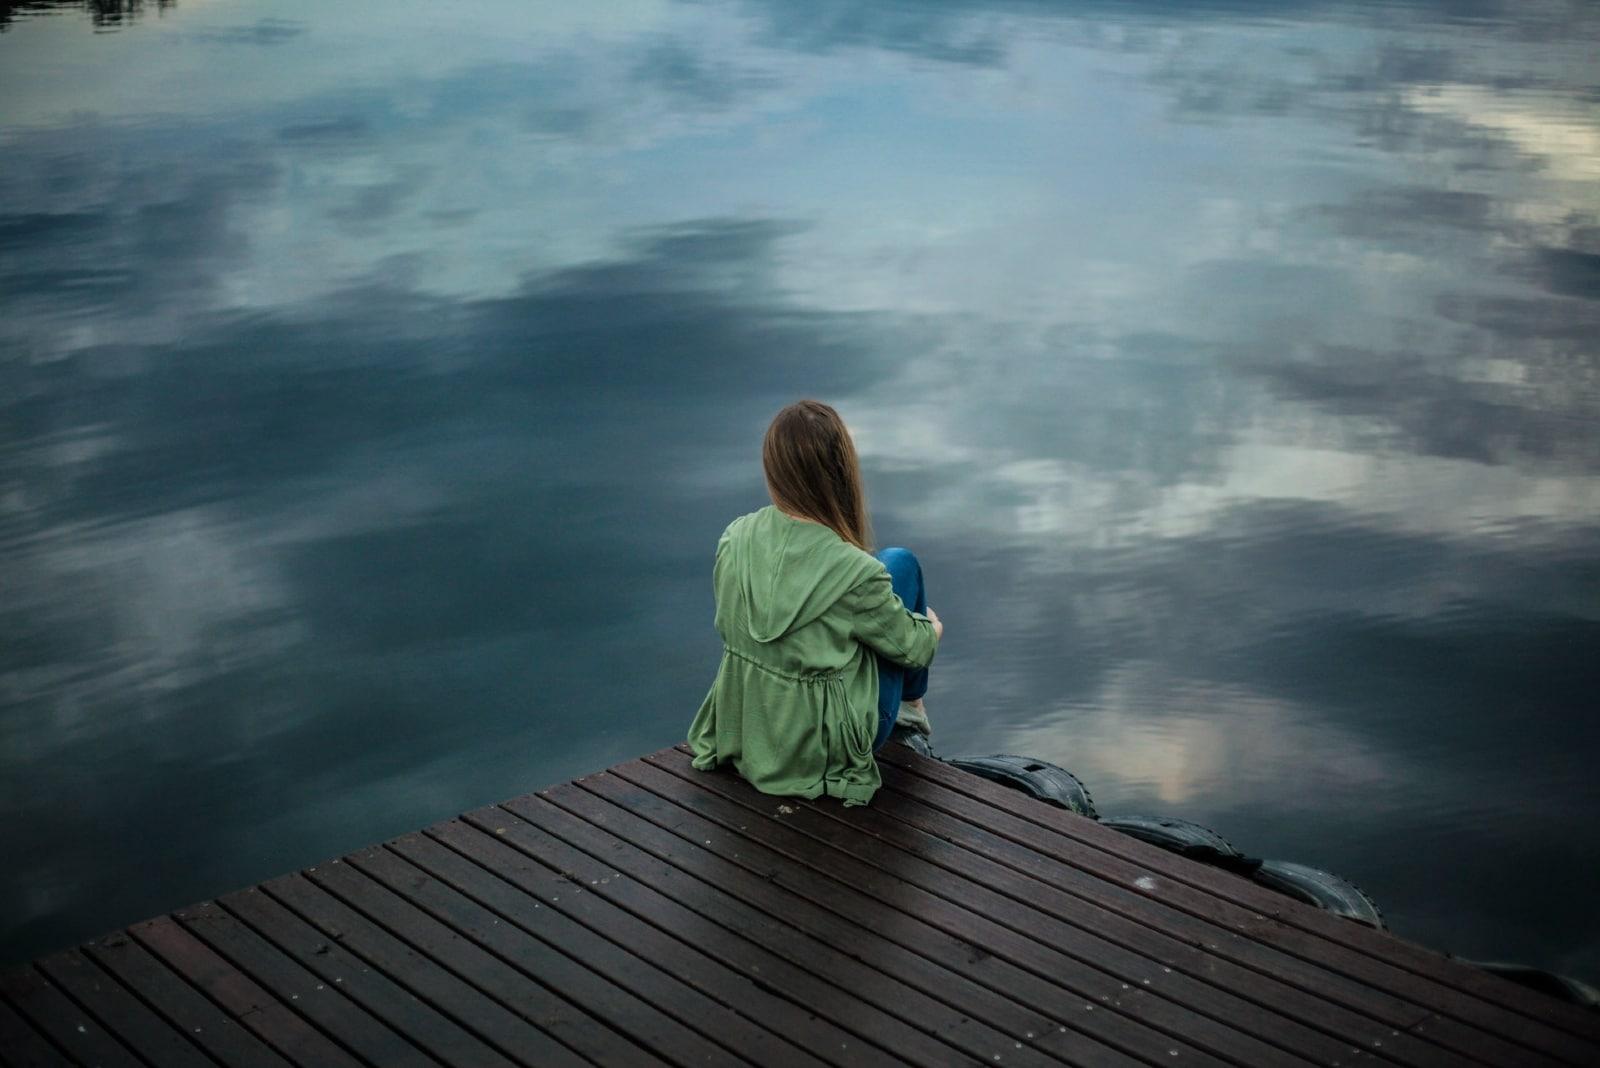 woman in green jacket sitting on dock